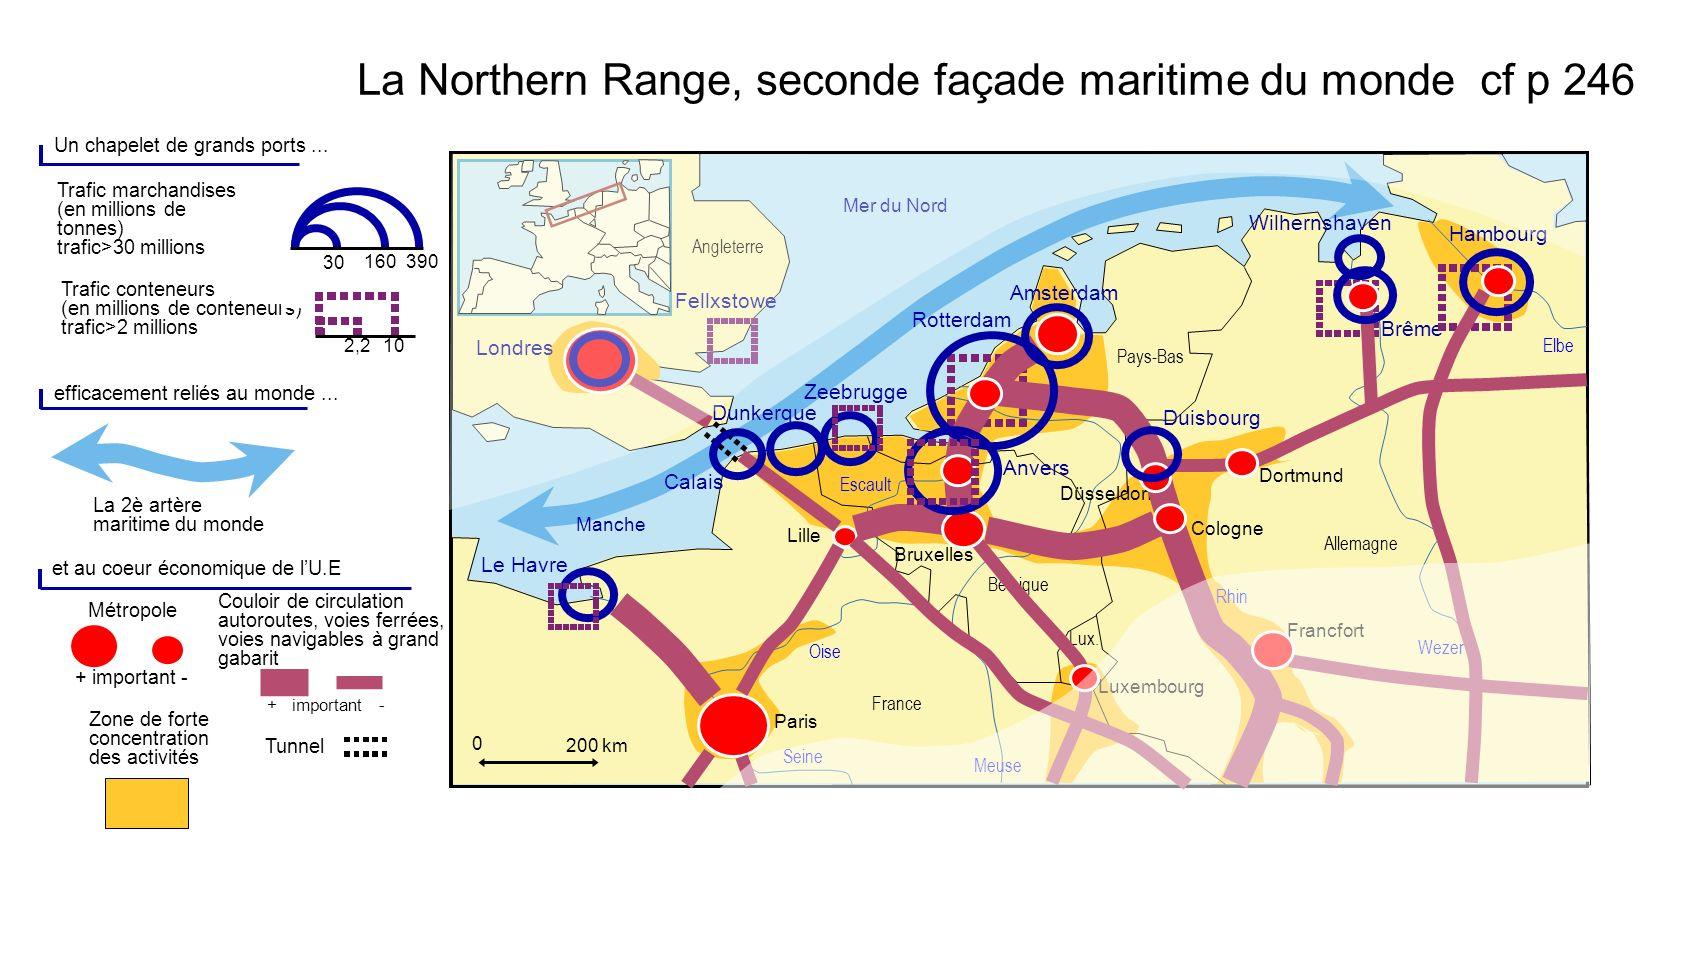 Trafic conteneurs (en millions de conteneurs) trafic>2 millions Seine Oise Meuse Rhin Wezer Escault Elbe France Belgique Lux. Allemagne Pays-Bas Angle